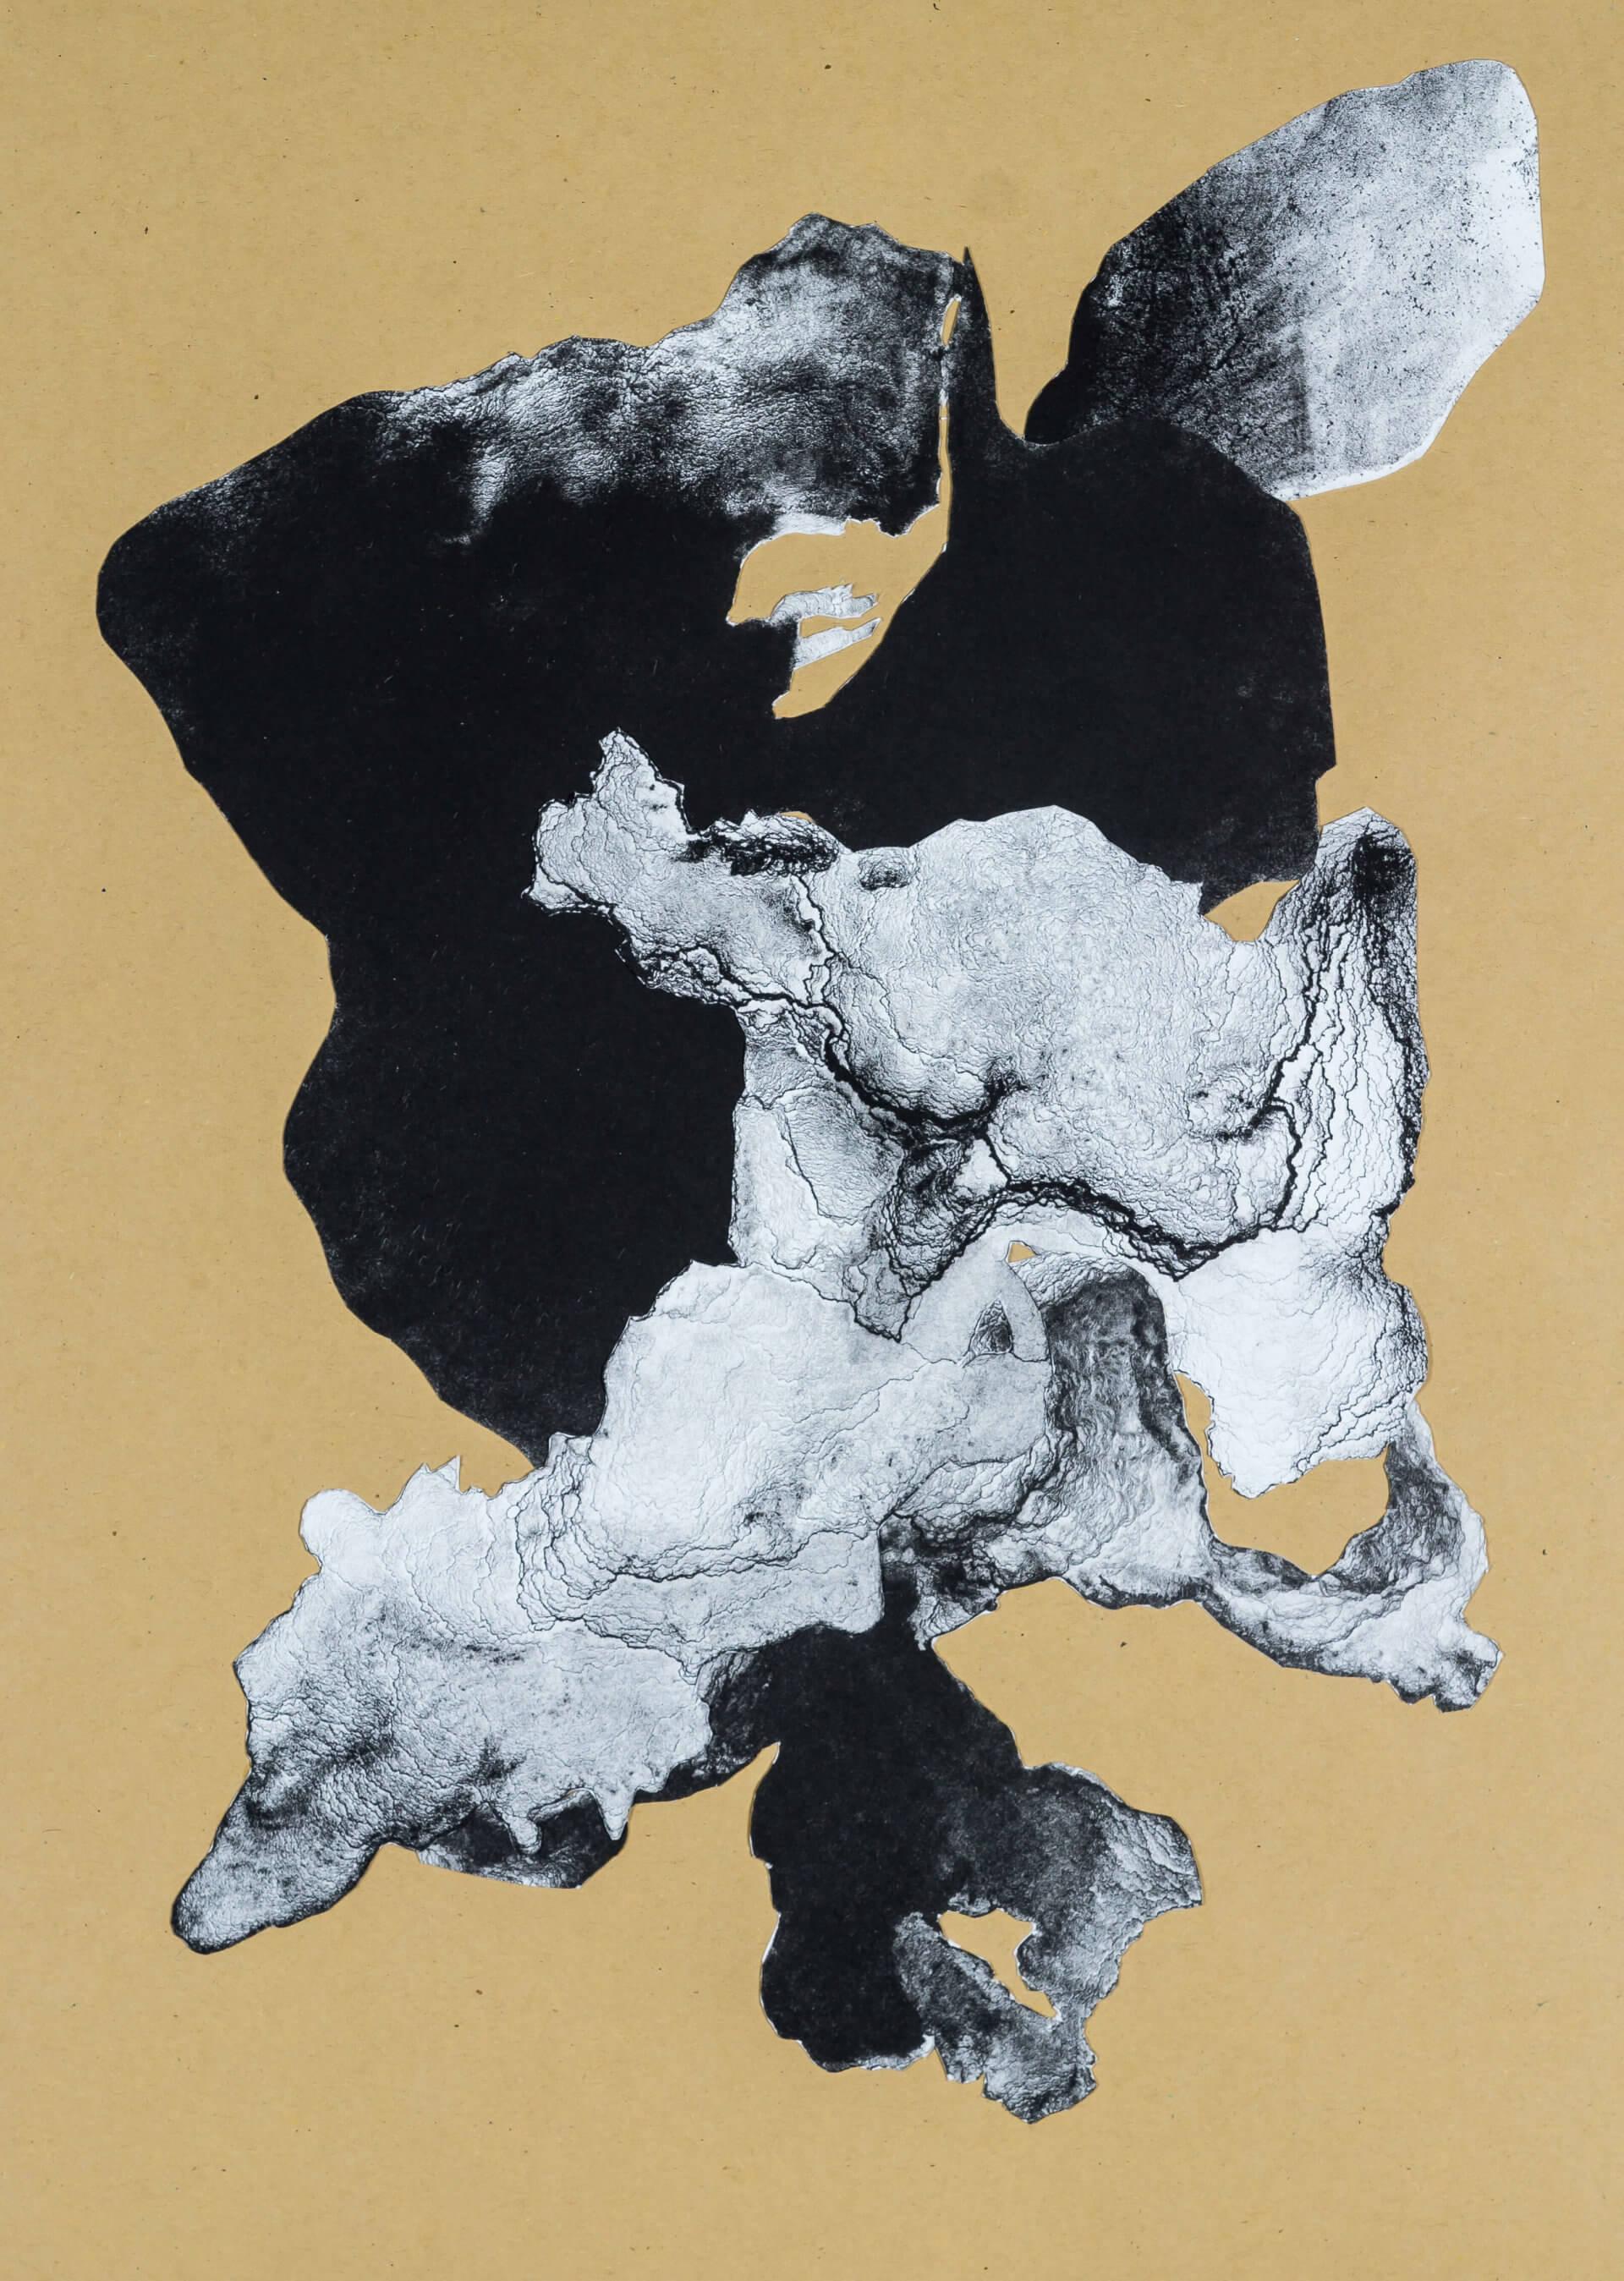 organism (cr) VIII, 2018, Lithographiecollage auf Papier, Unikat, 41,5x30cm